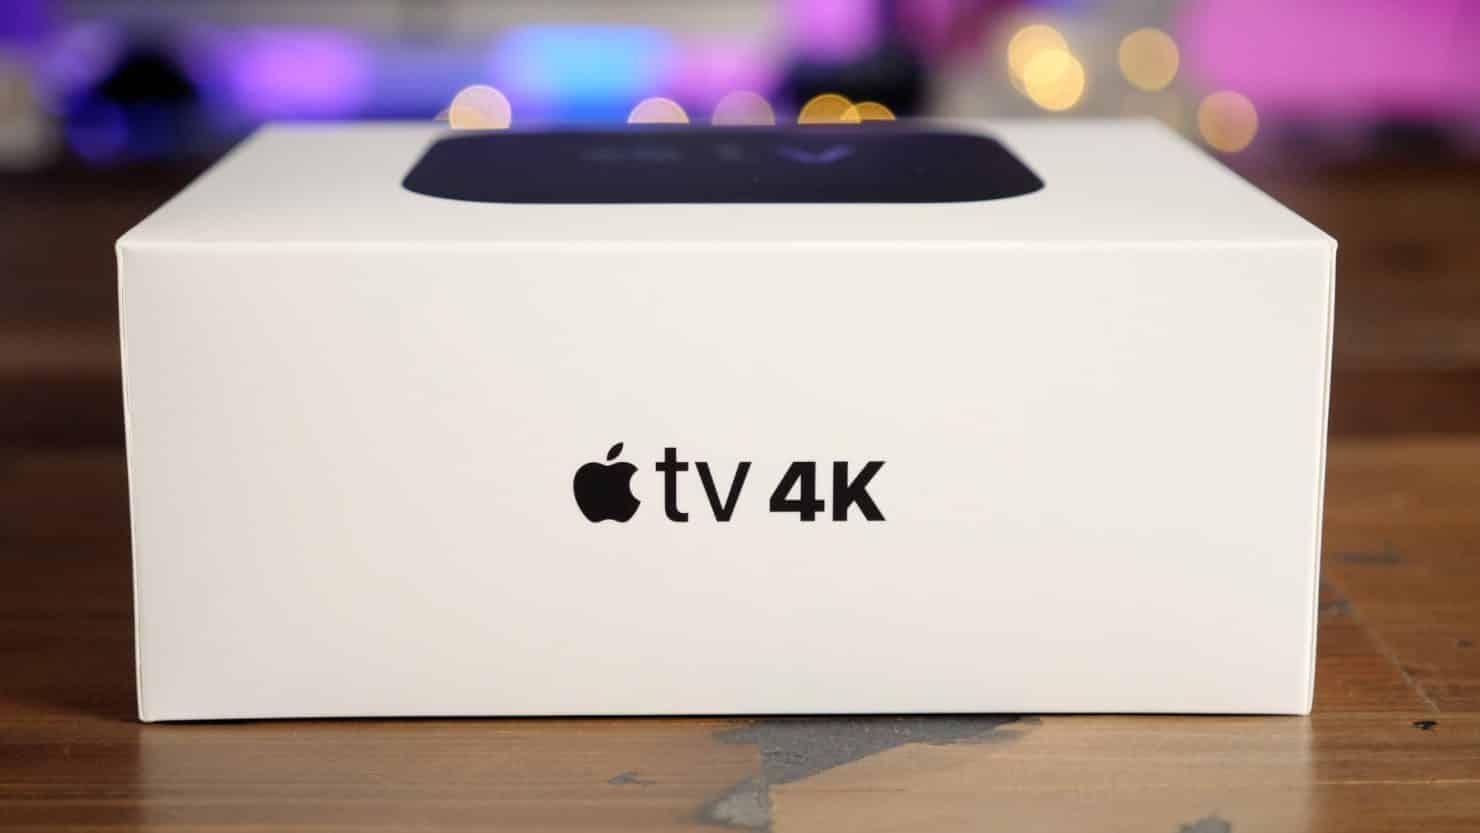 Apple TV 4K discounted at B&H Photo